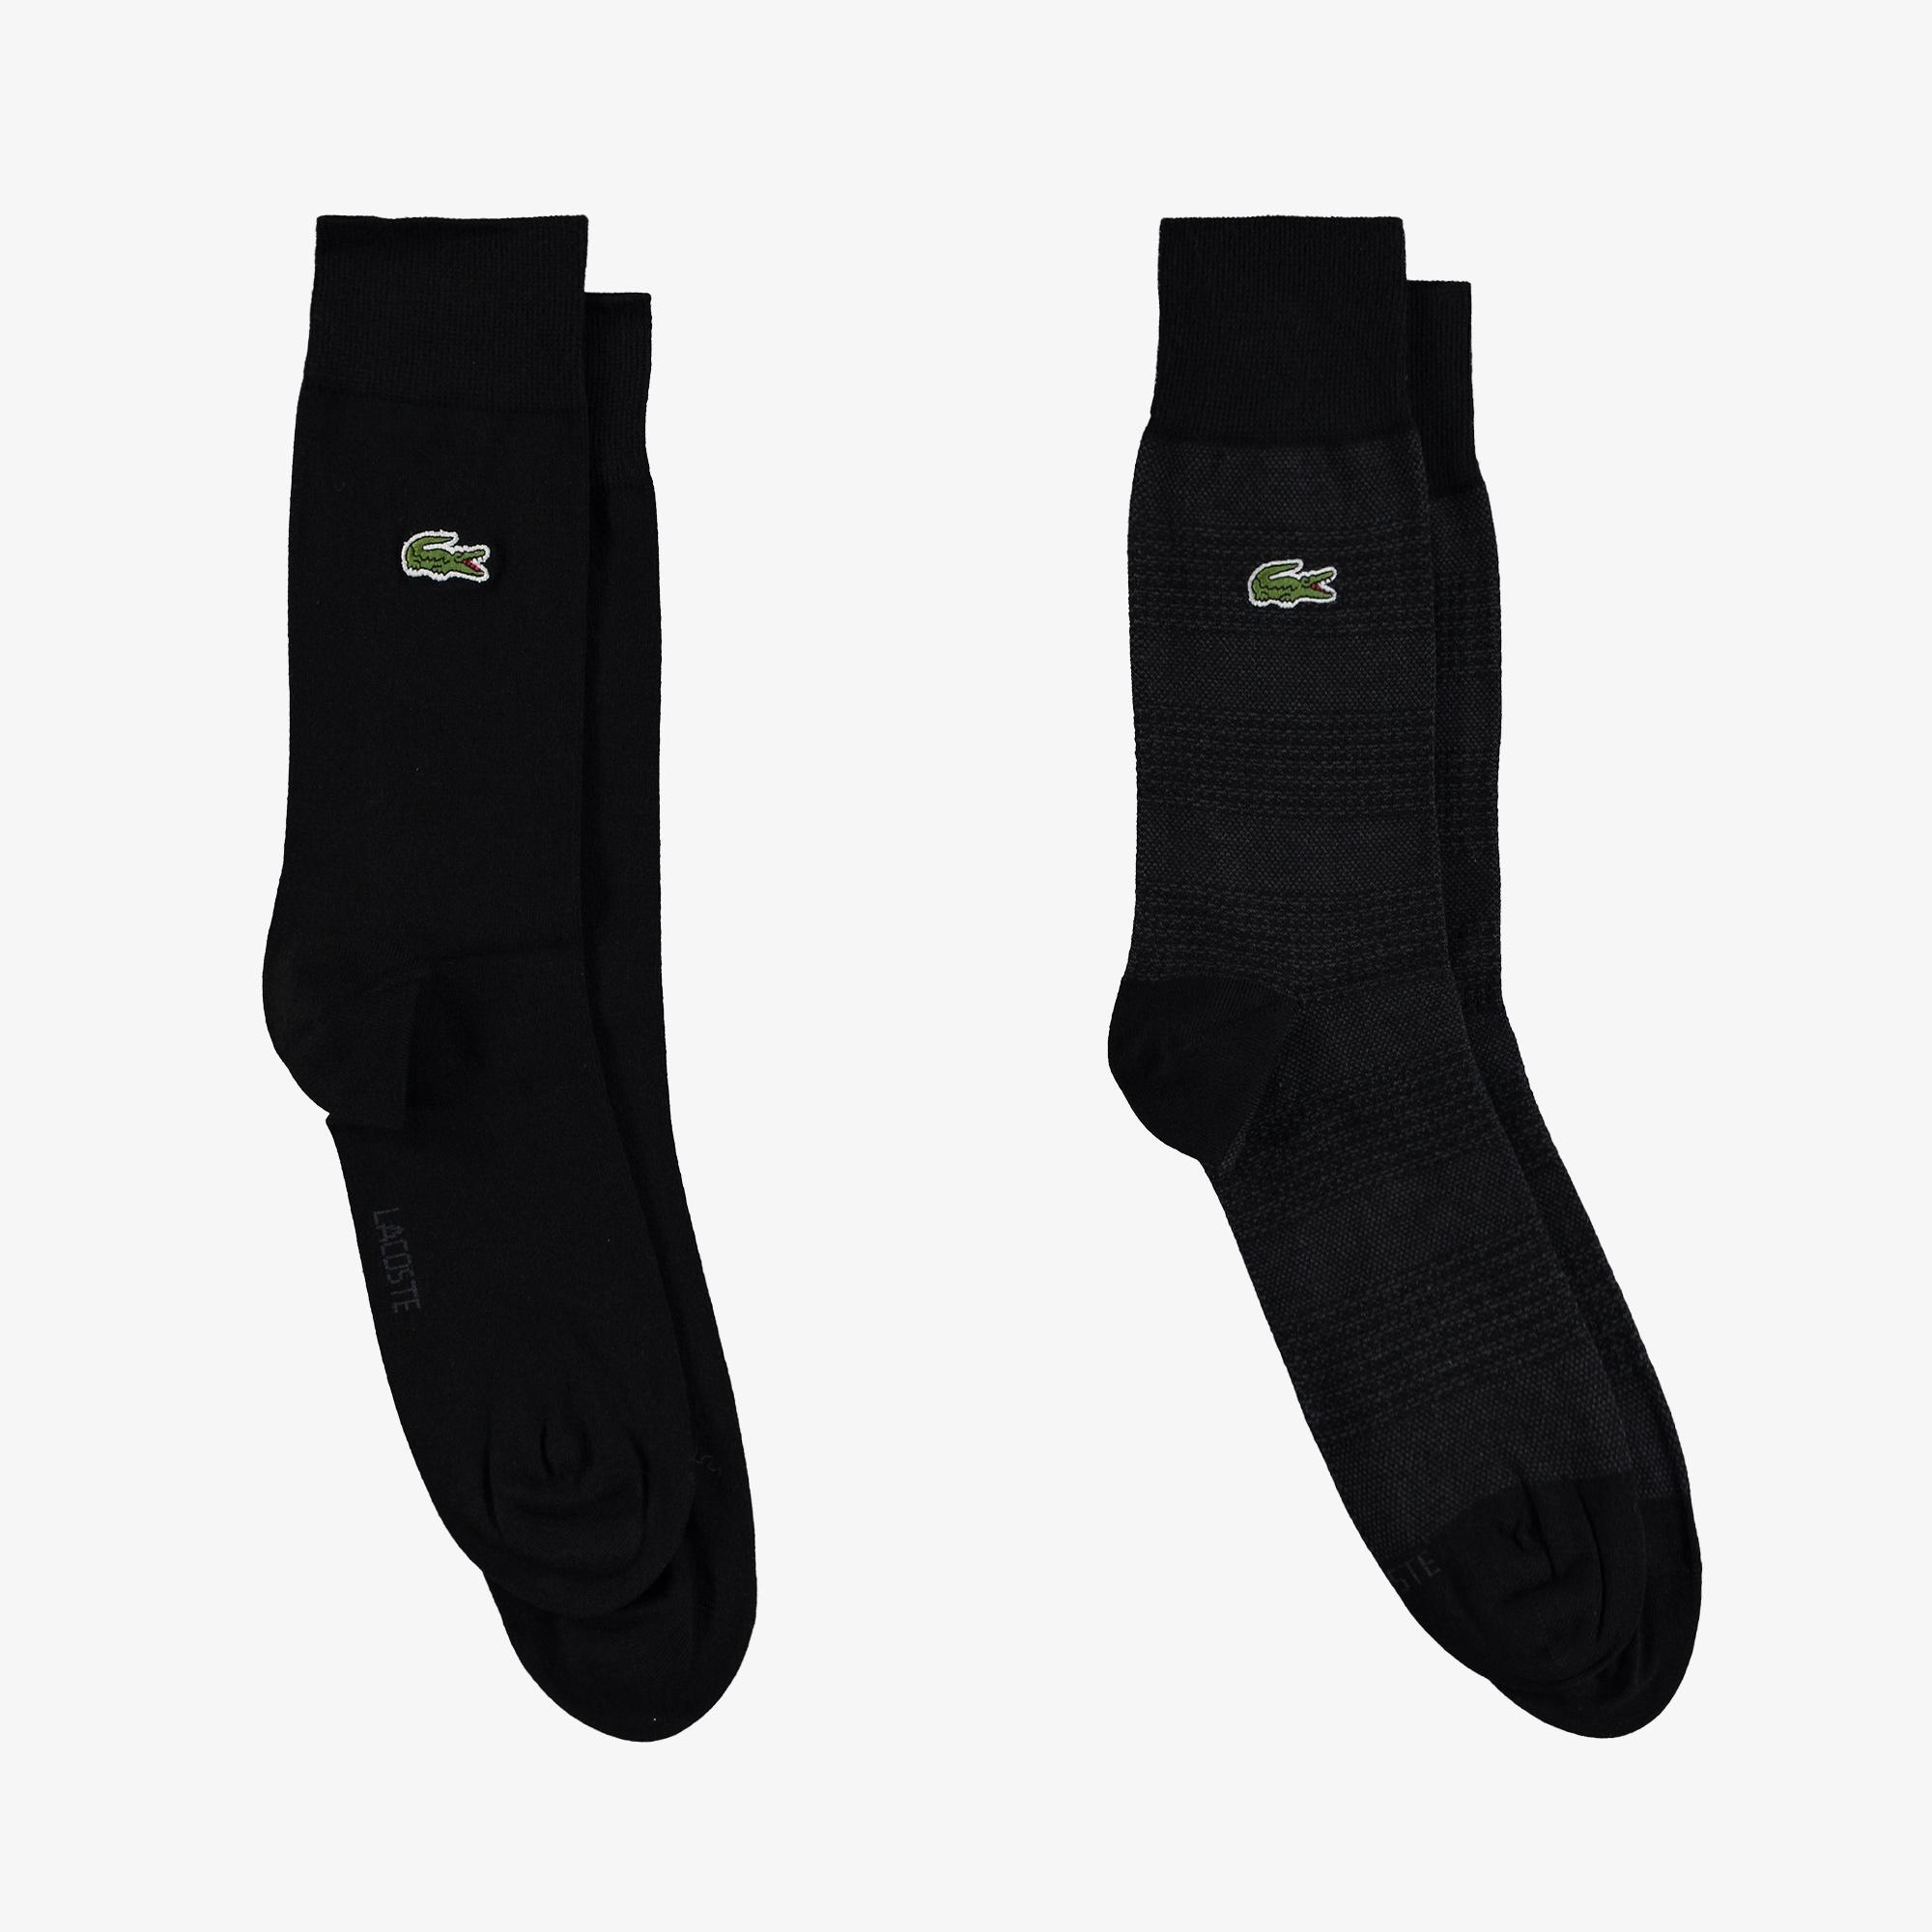 Lacoste Unisex Çizgili Uzun Siyah 2'li Çorap